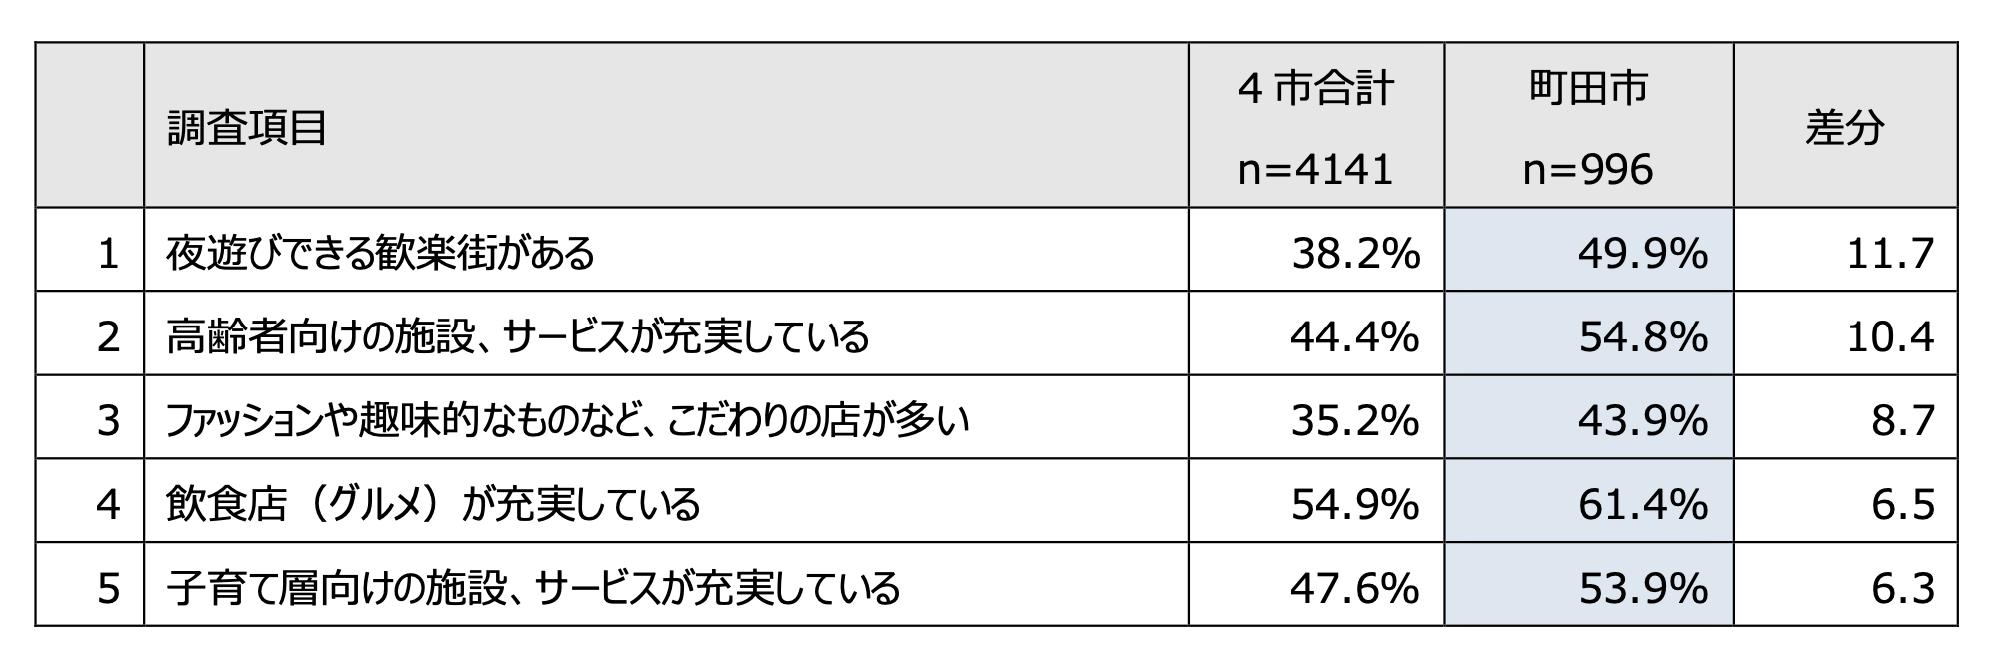 4市合計より町田市が上位の住むまちの印象(差分上位5項目)